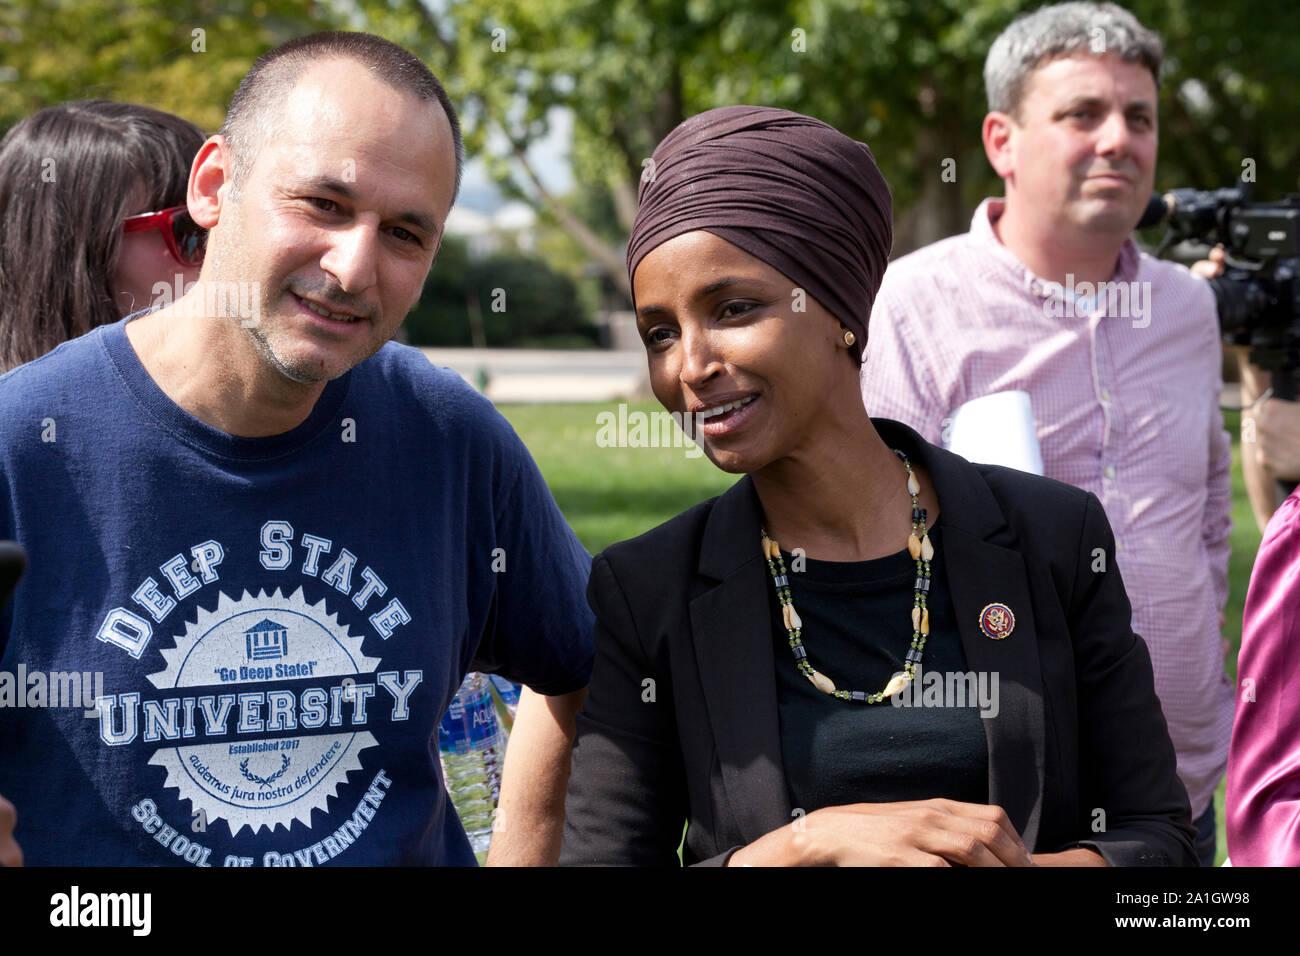 Septiembre 26th, 2019, Washington, DC: US Congresista Ilhan Omar (D-MN), la Congresista Barbara Lee (D-CA), y el Congresista Al Green (D-TX), hablar en un 'Impeach Trump' rally, organizado por Demócratas Progresistas de América, en frente del Capitolio de los EE.UU. Foto de stock